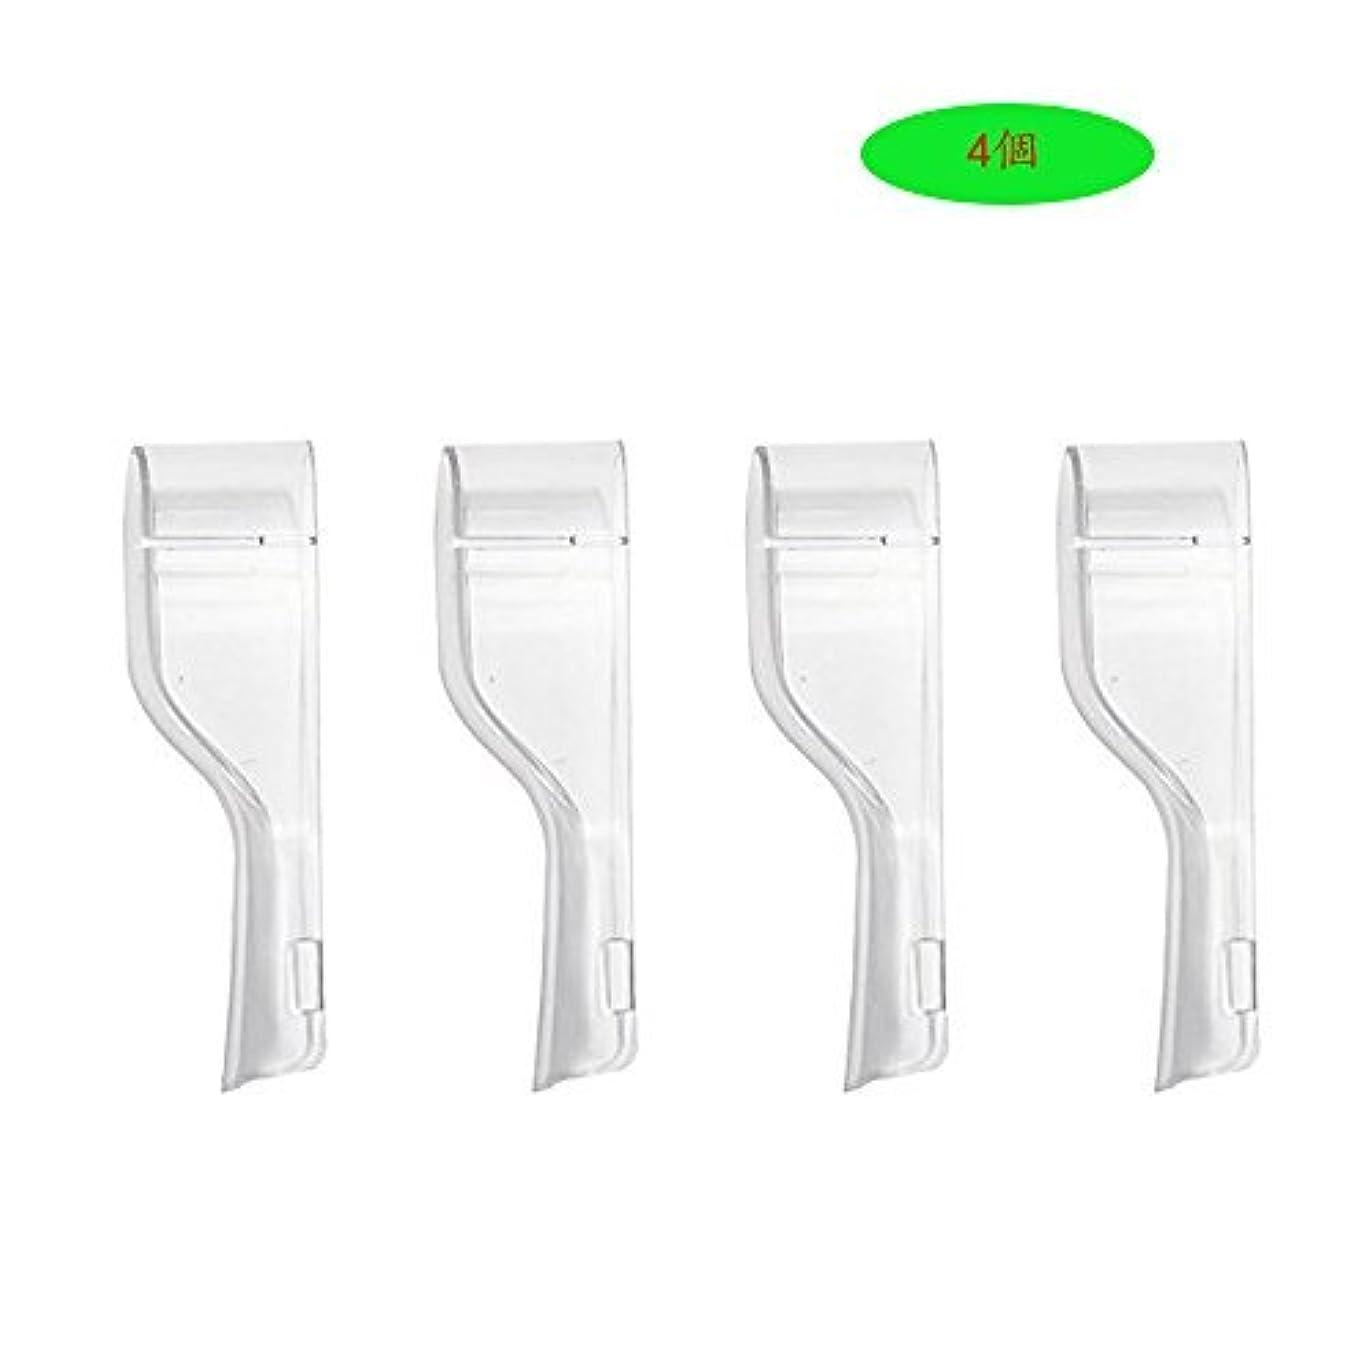 組動脈極貧For SR18 / SR32 / EB30 ブラウン オーラルB 電動歯ブラシ用 替えブラシ互換 スイングブラシ 硬い歯ブラシのヘッドキャップ保護カバー by Kadior